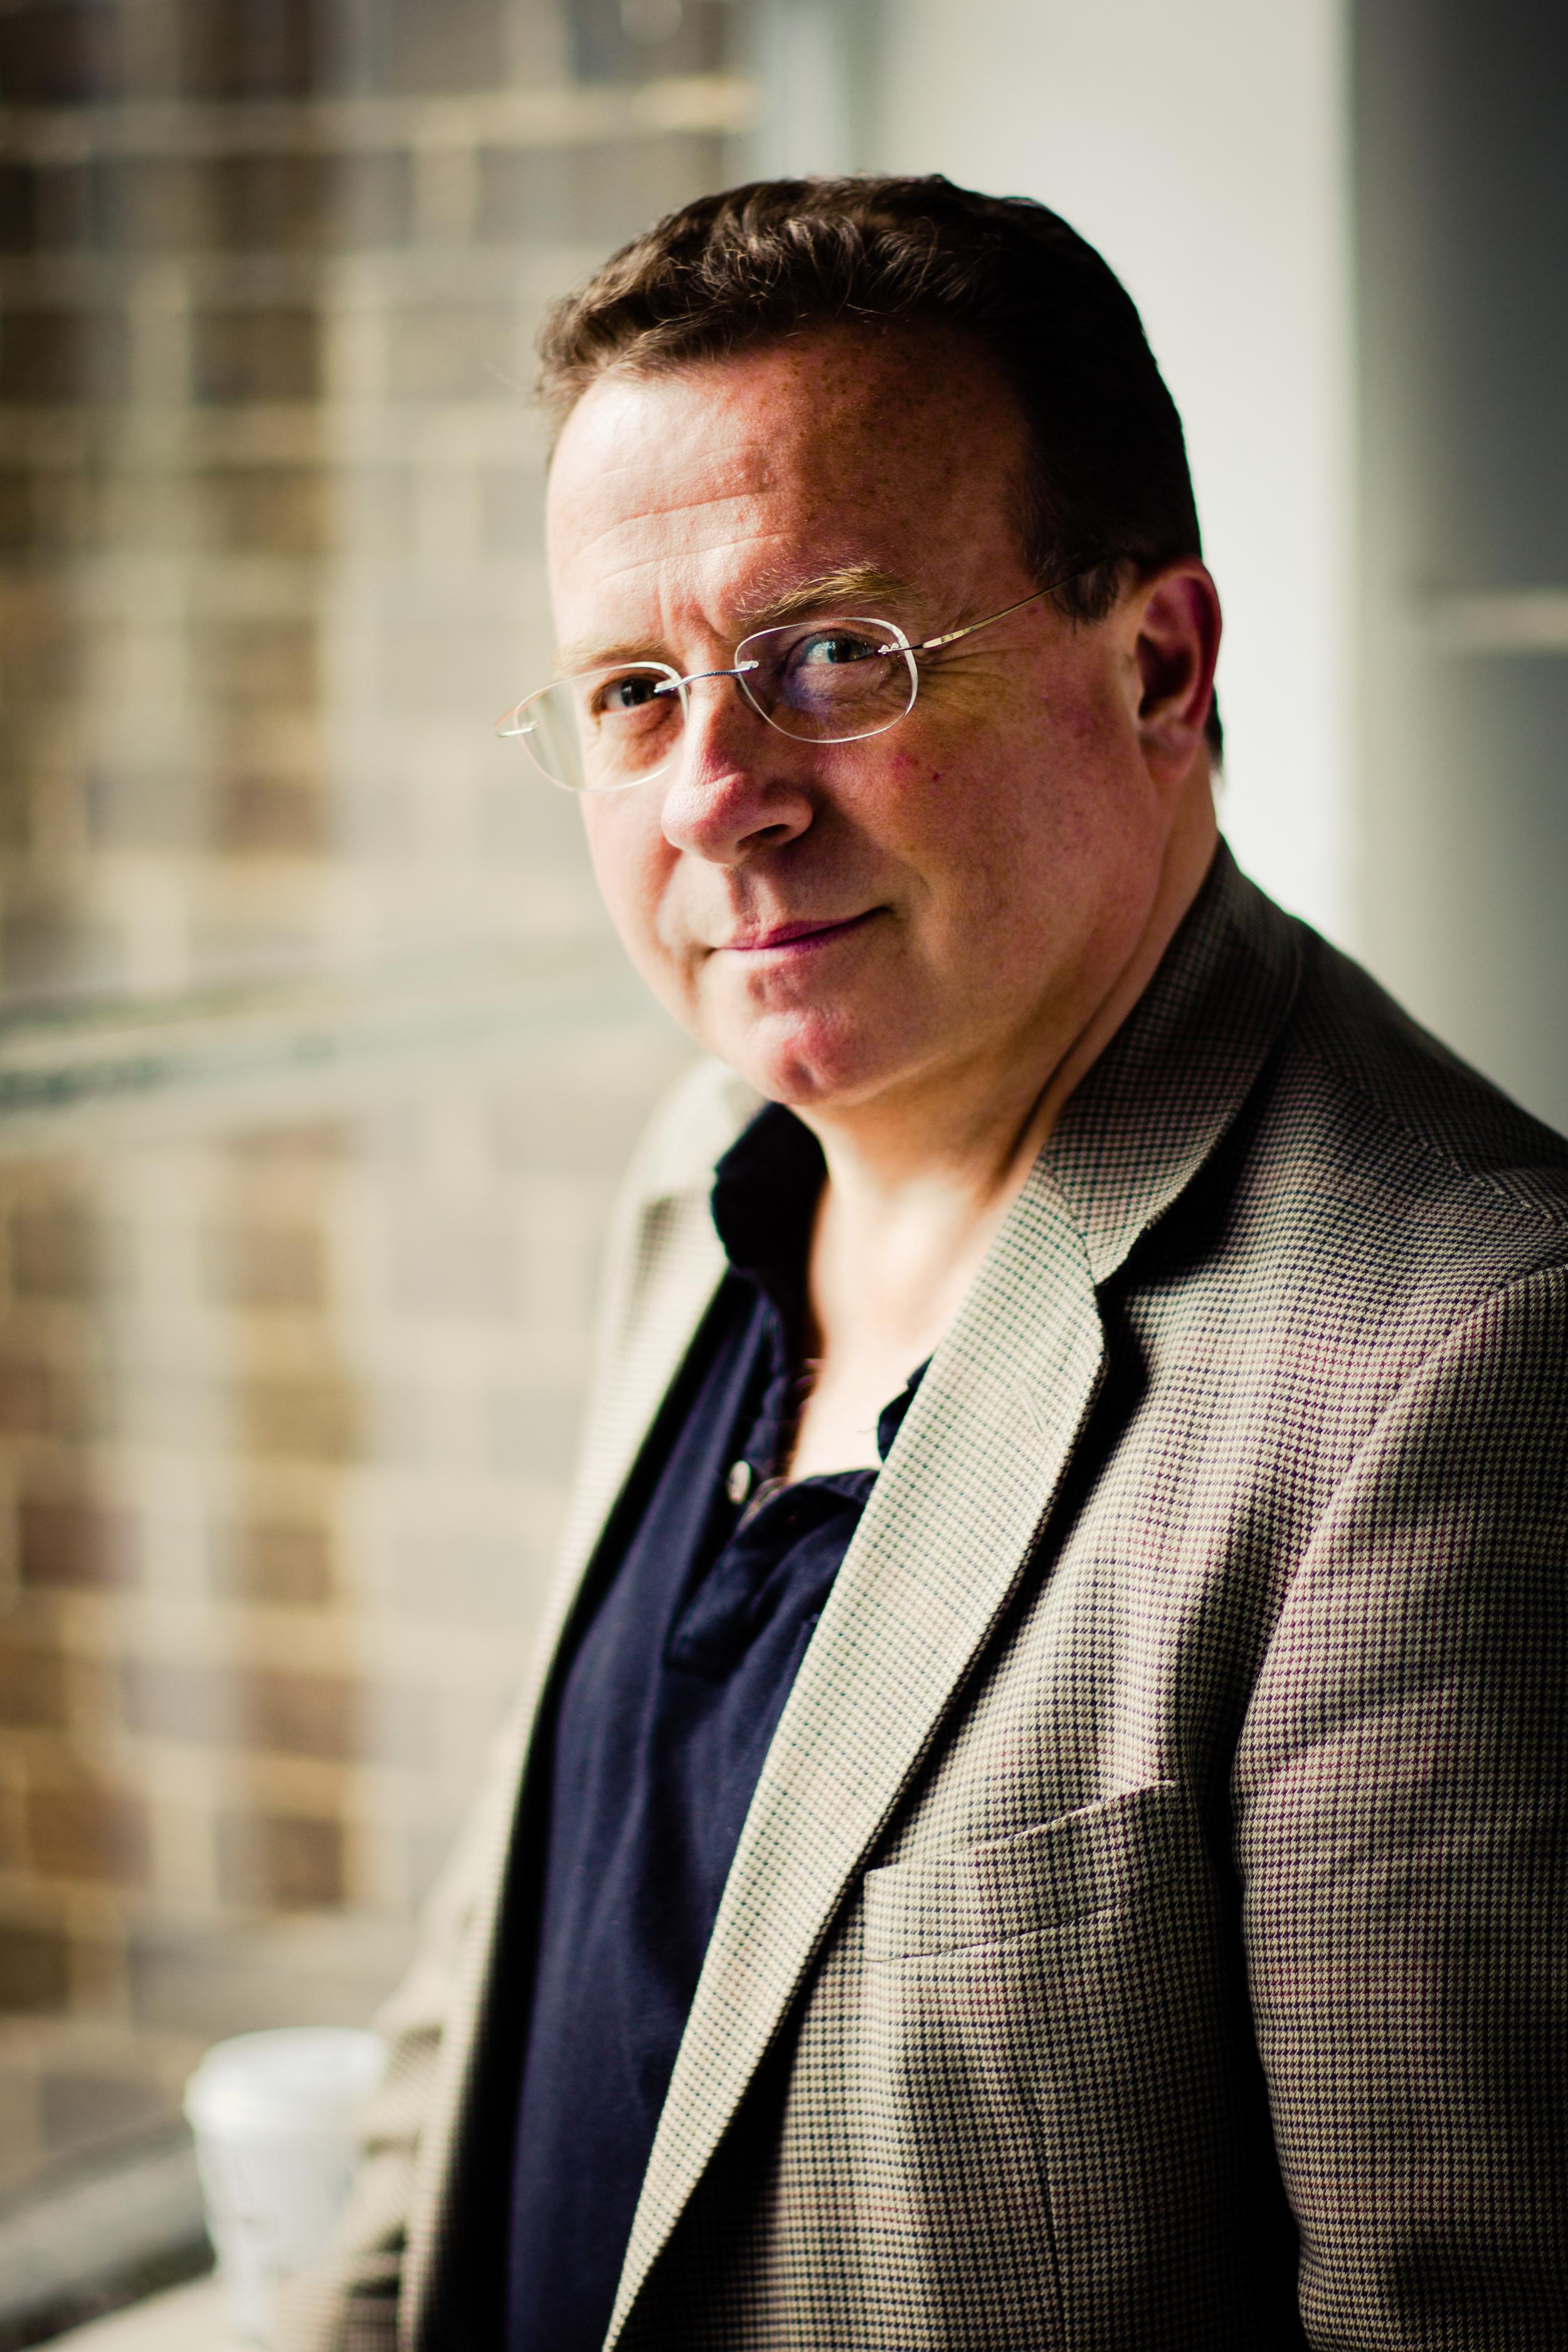 Simon Gardner, London, May 2015